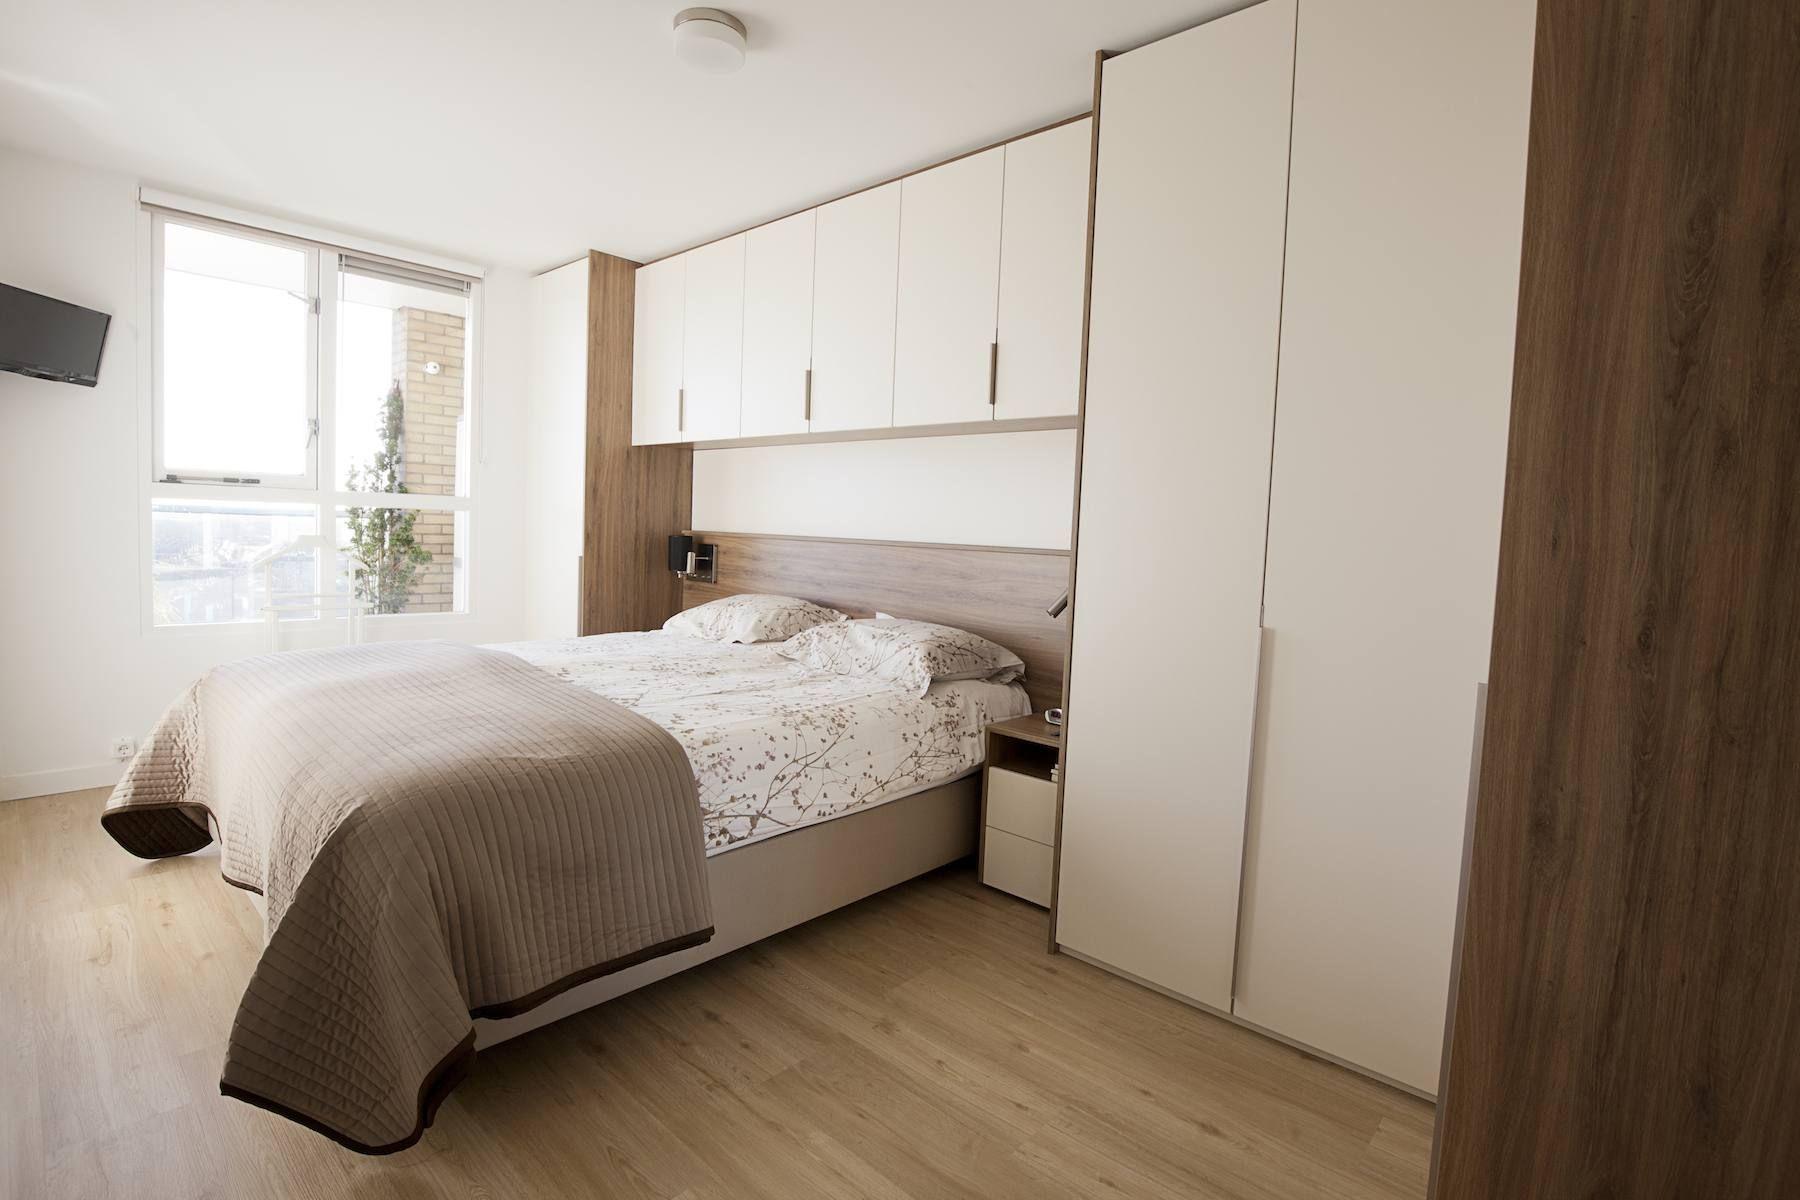 Bed met kastombouw in kleine slaapkamer slaapkamer